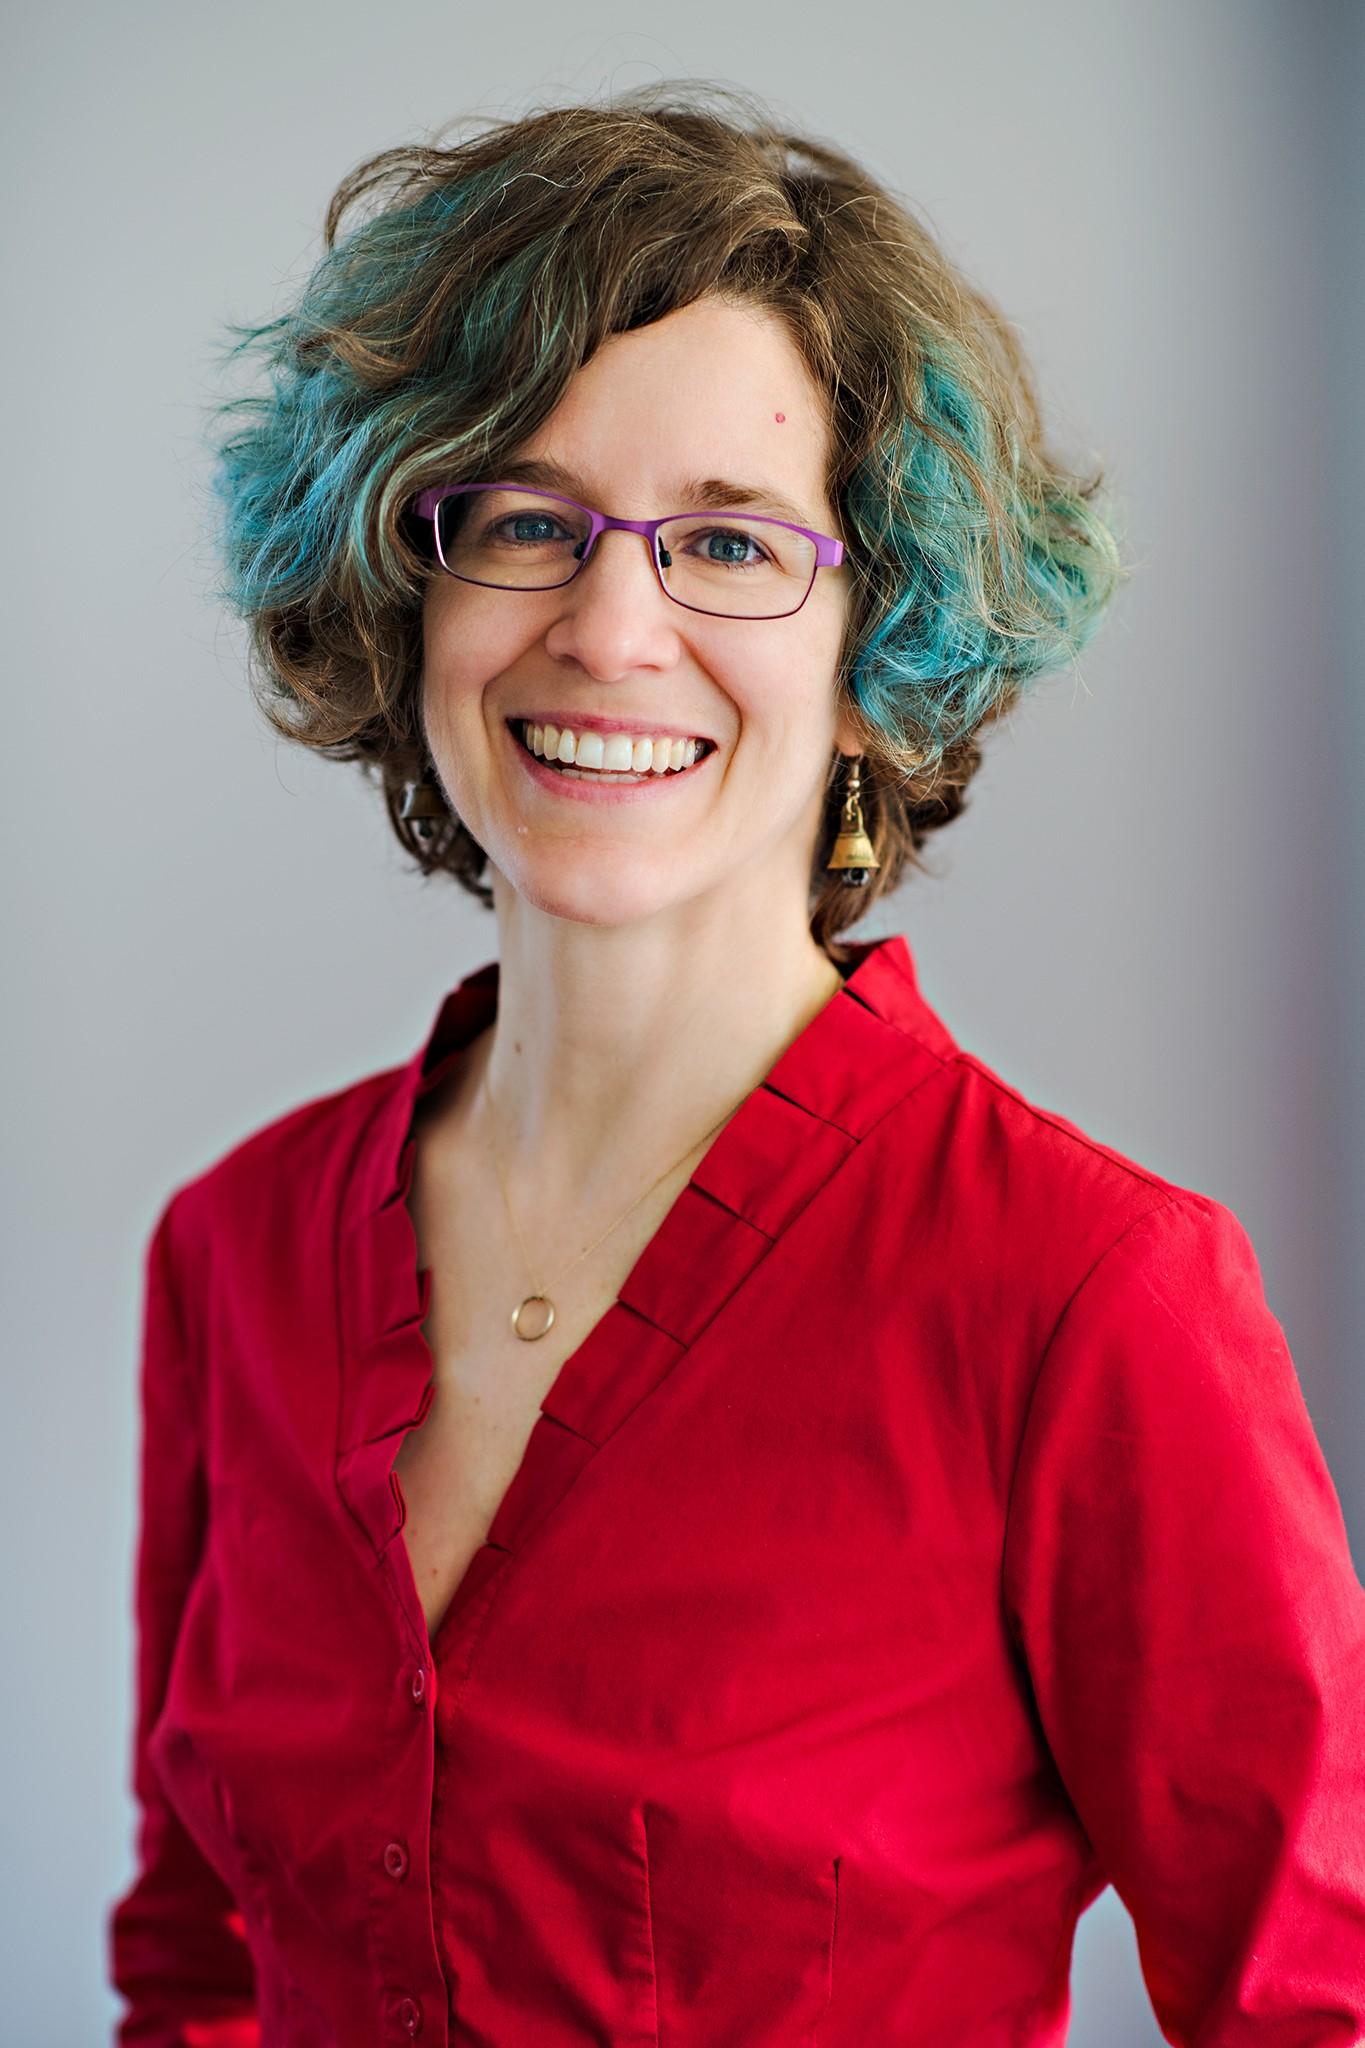 Julia Elizabeth Friddell